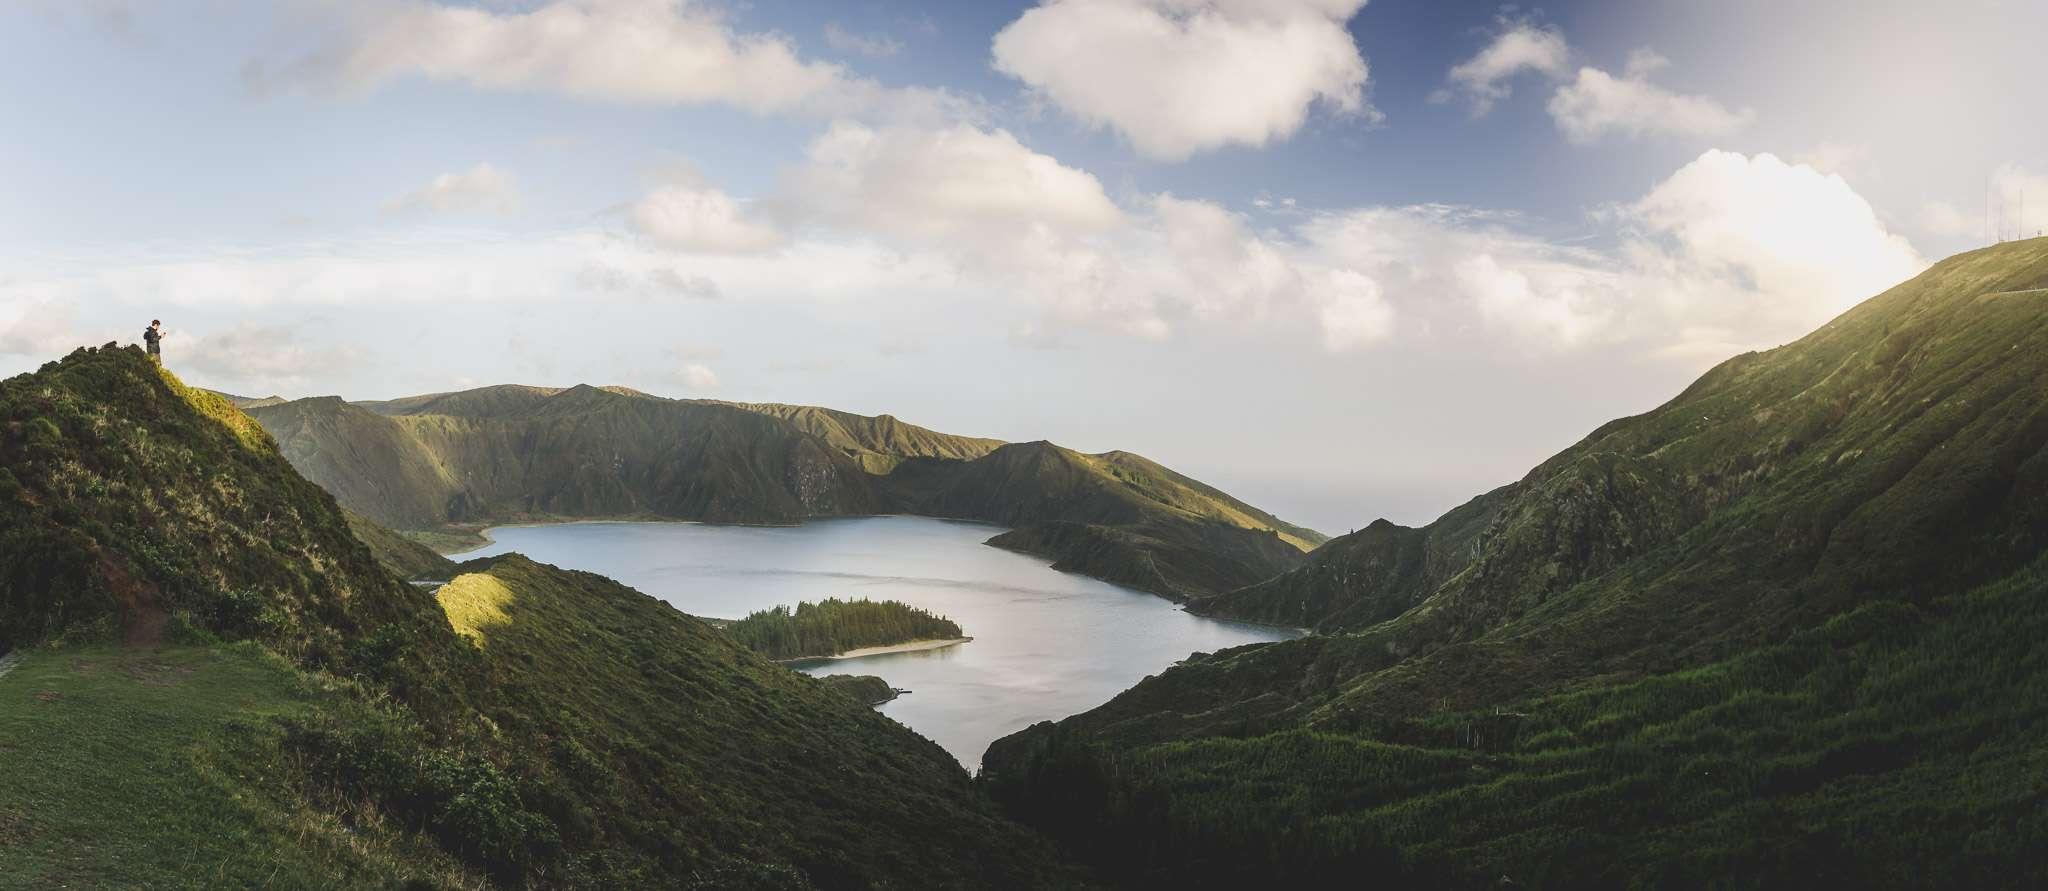 Der Lagoa do Fogo auf Sao Miguel, der Hauptinsel der Azoren.